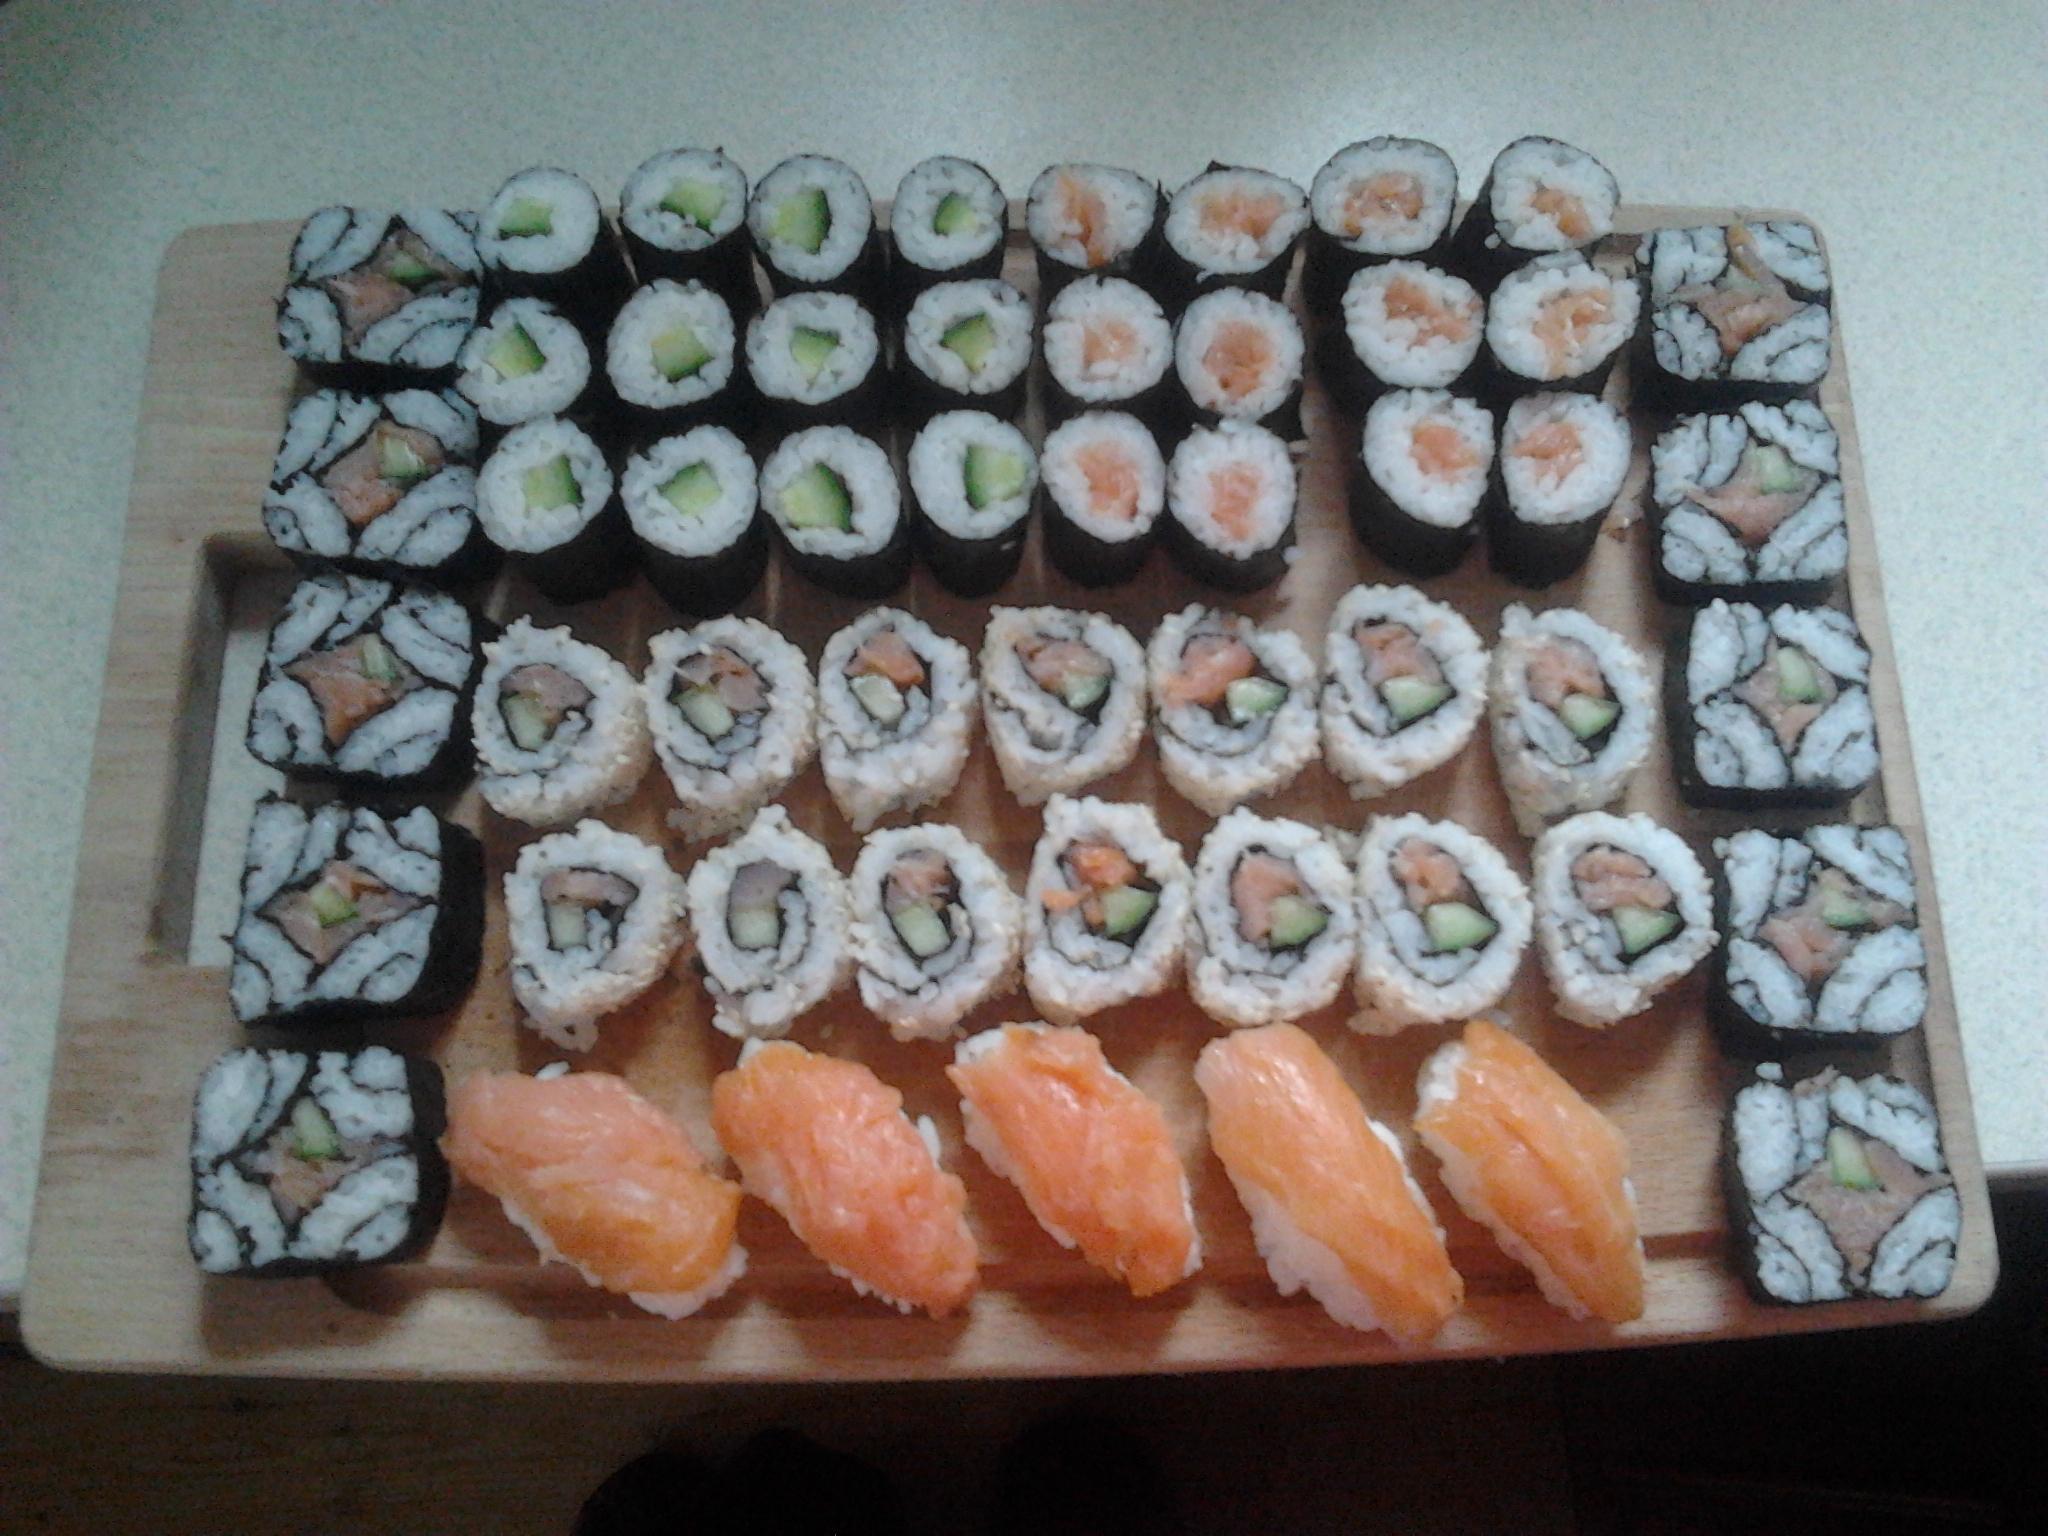 Recept Suši - Vyrábím si doma léta, výroba sushi je koníček! :-) Na fotce okurkové s a uzenym lososem.